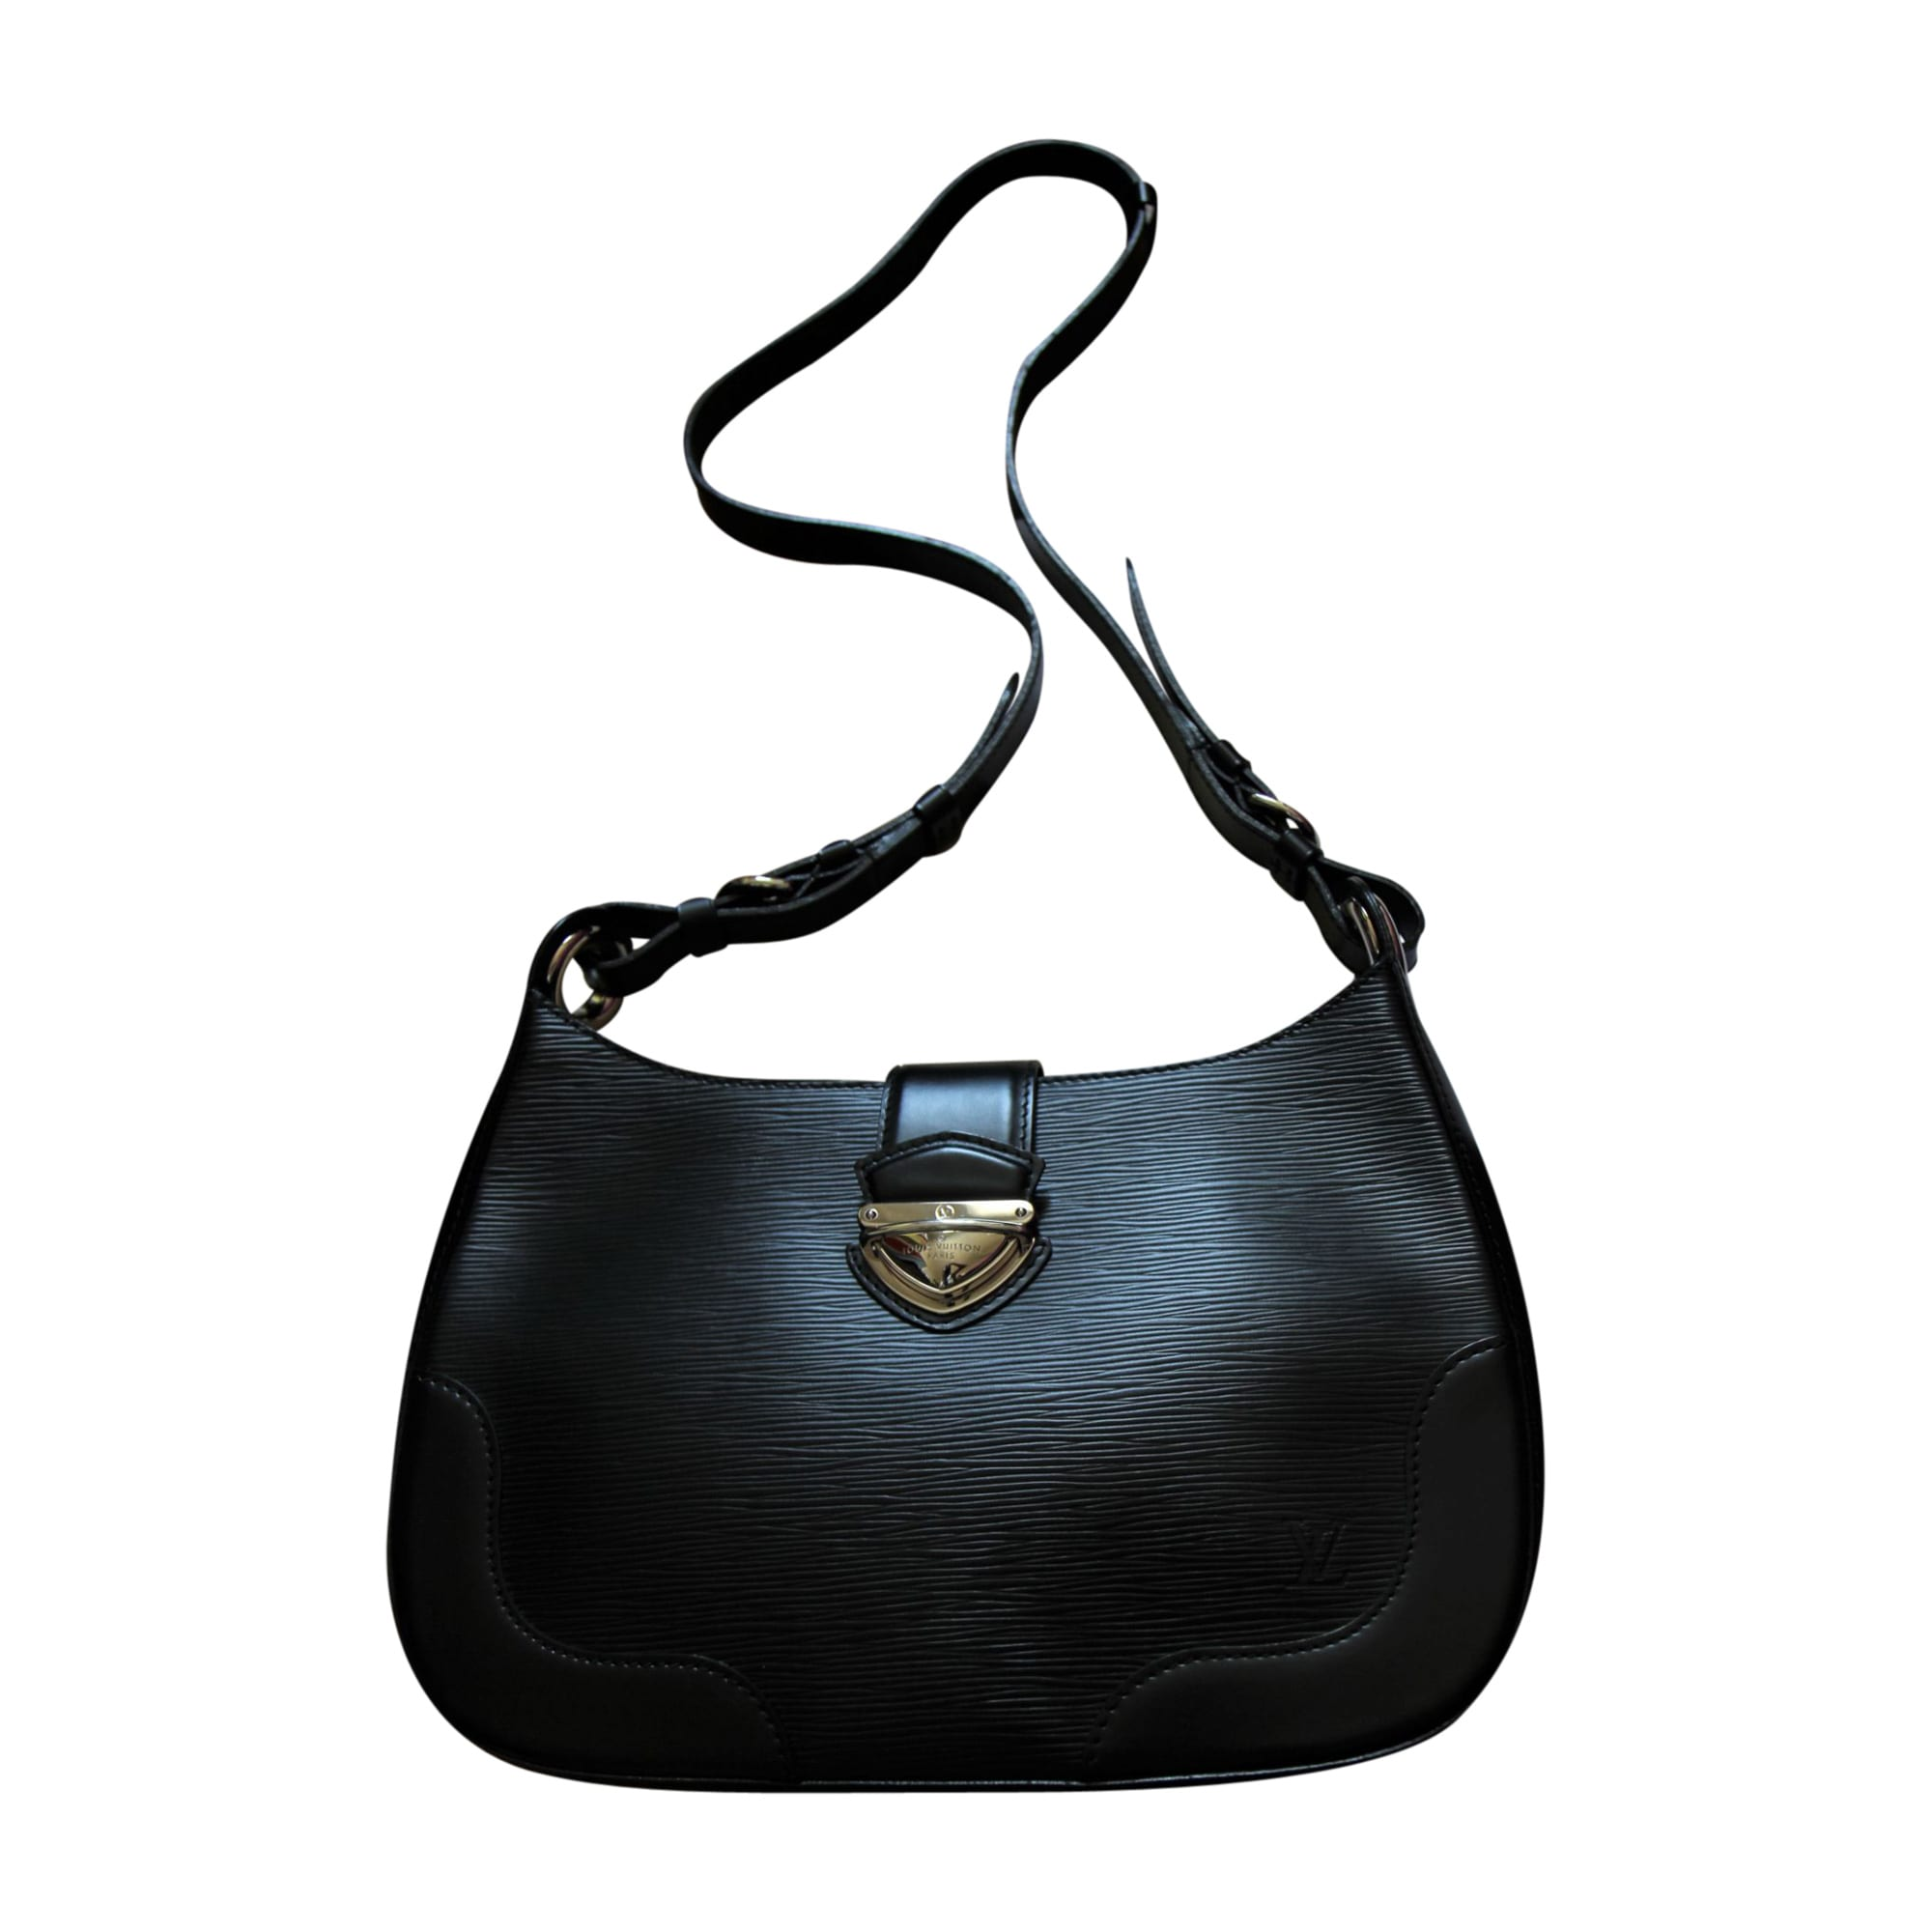 f9823488170e Sac en bandoulière en cuir LOUIS VUITTON noir - 8423856